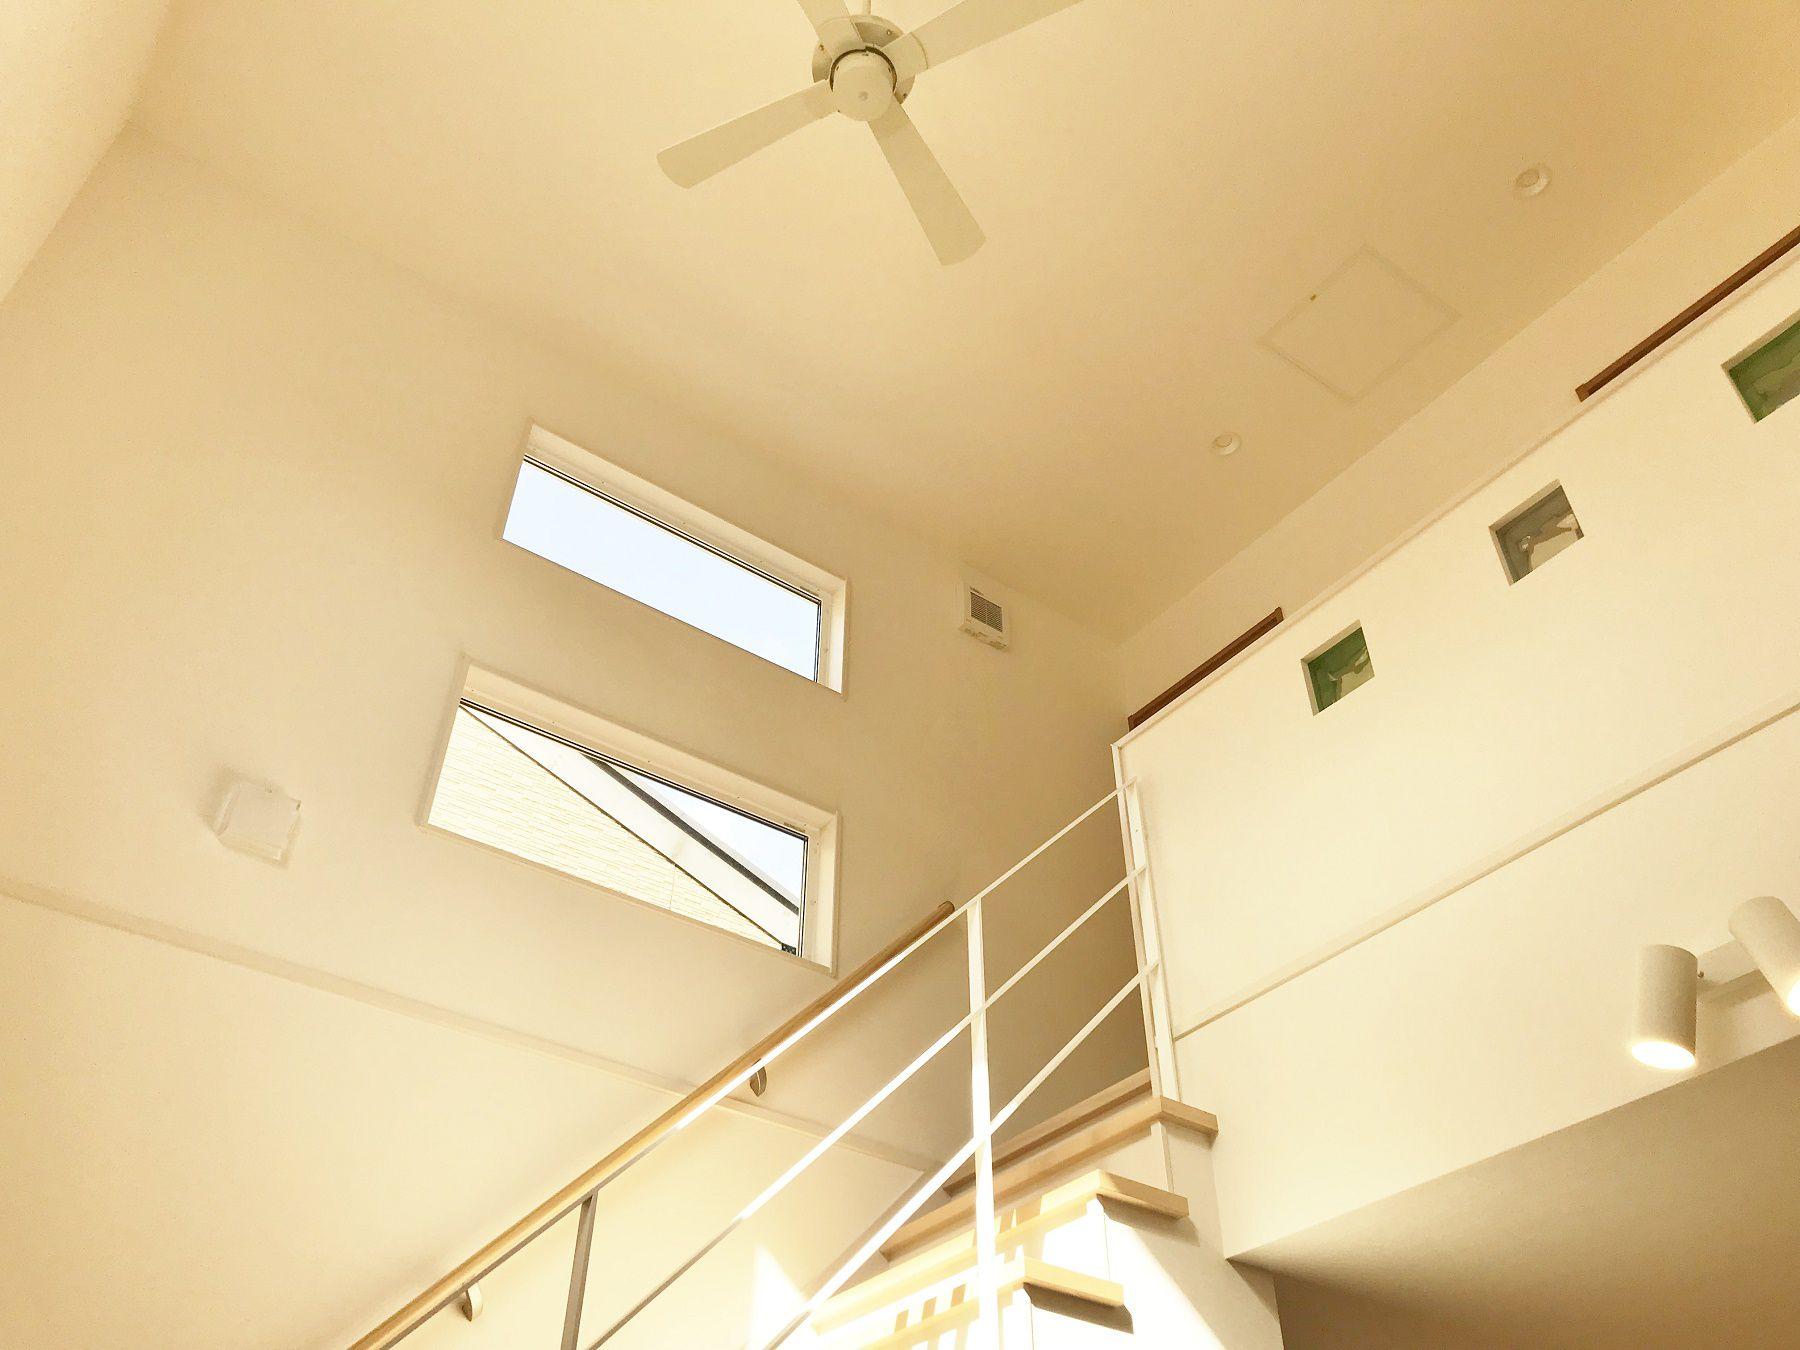 夕方になっても上からの暖かい日の光が差し込みます。冬場は床暖房の暖かさが2階まで伝わり、快適な生活が送れますね。